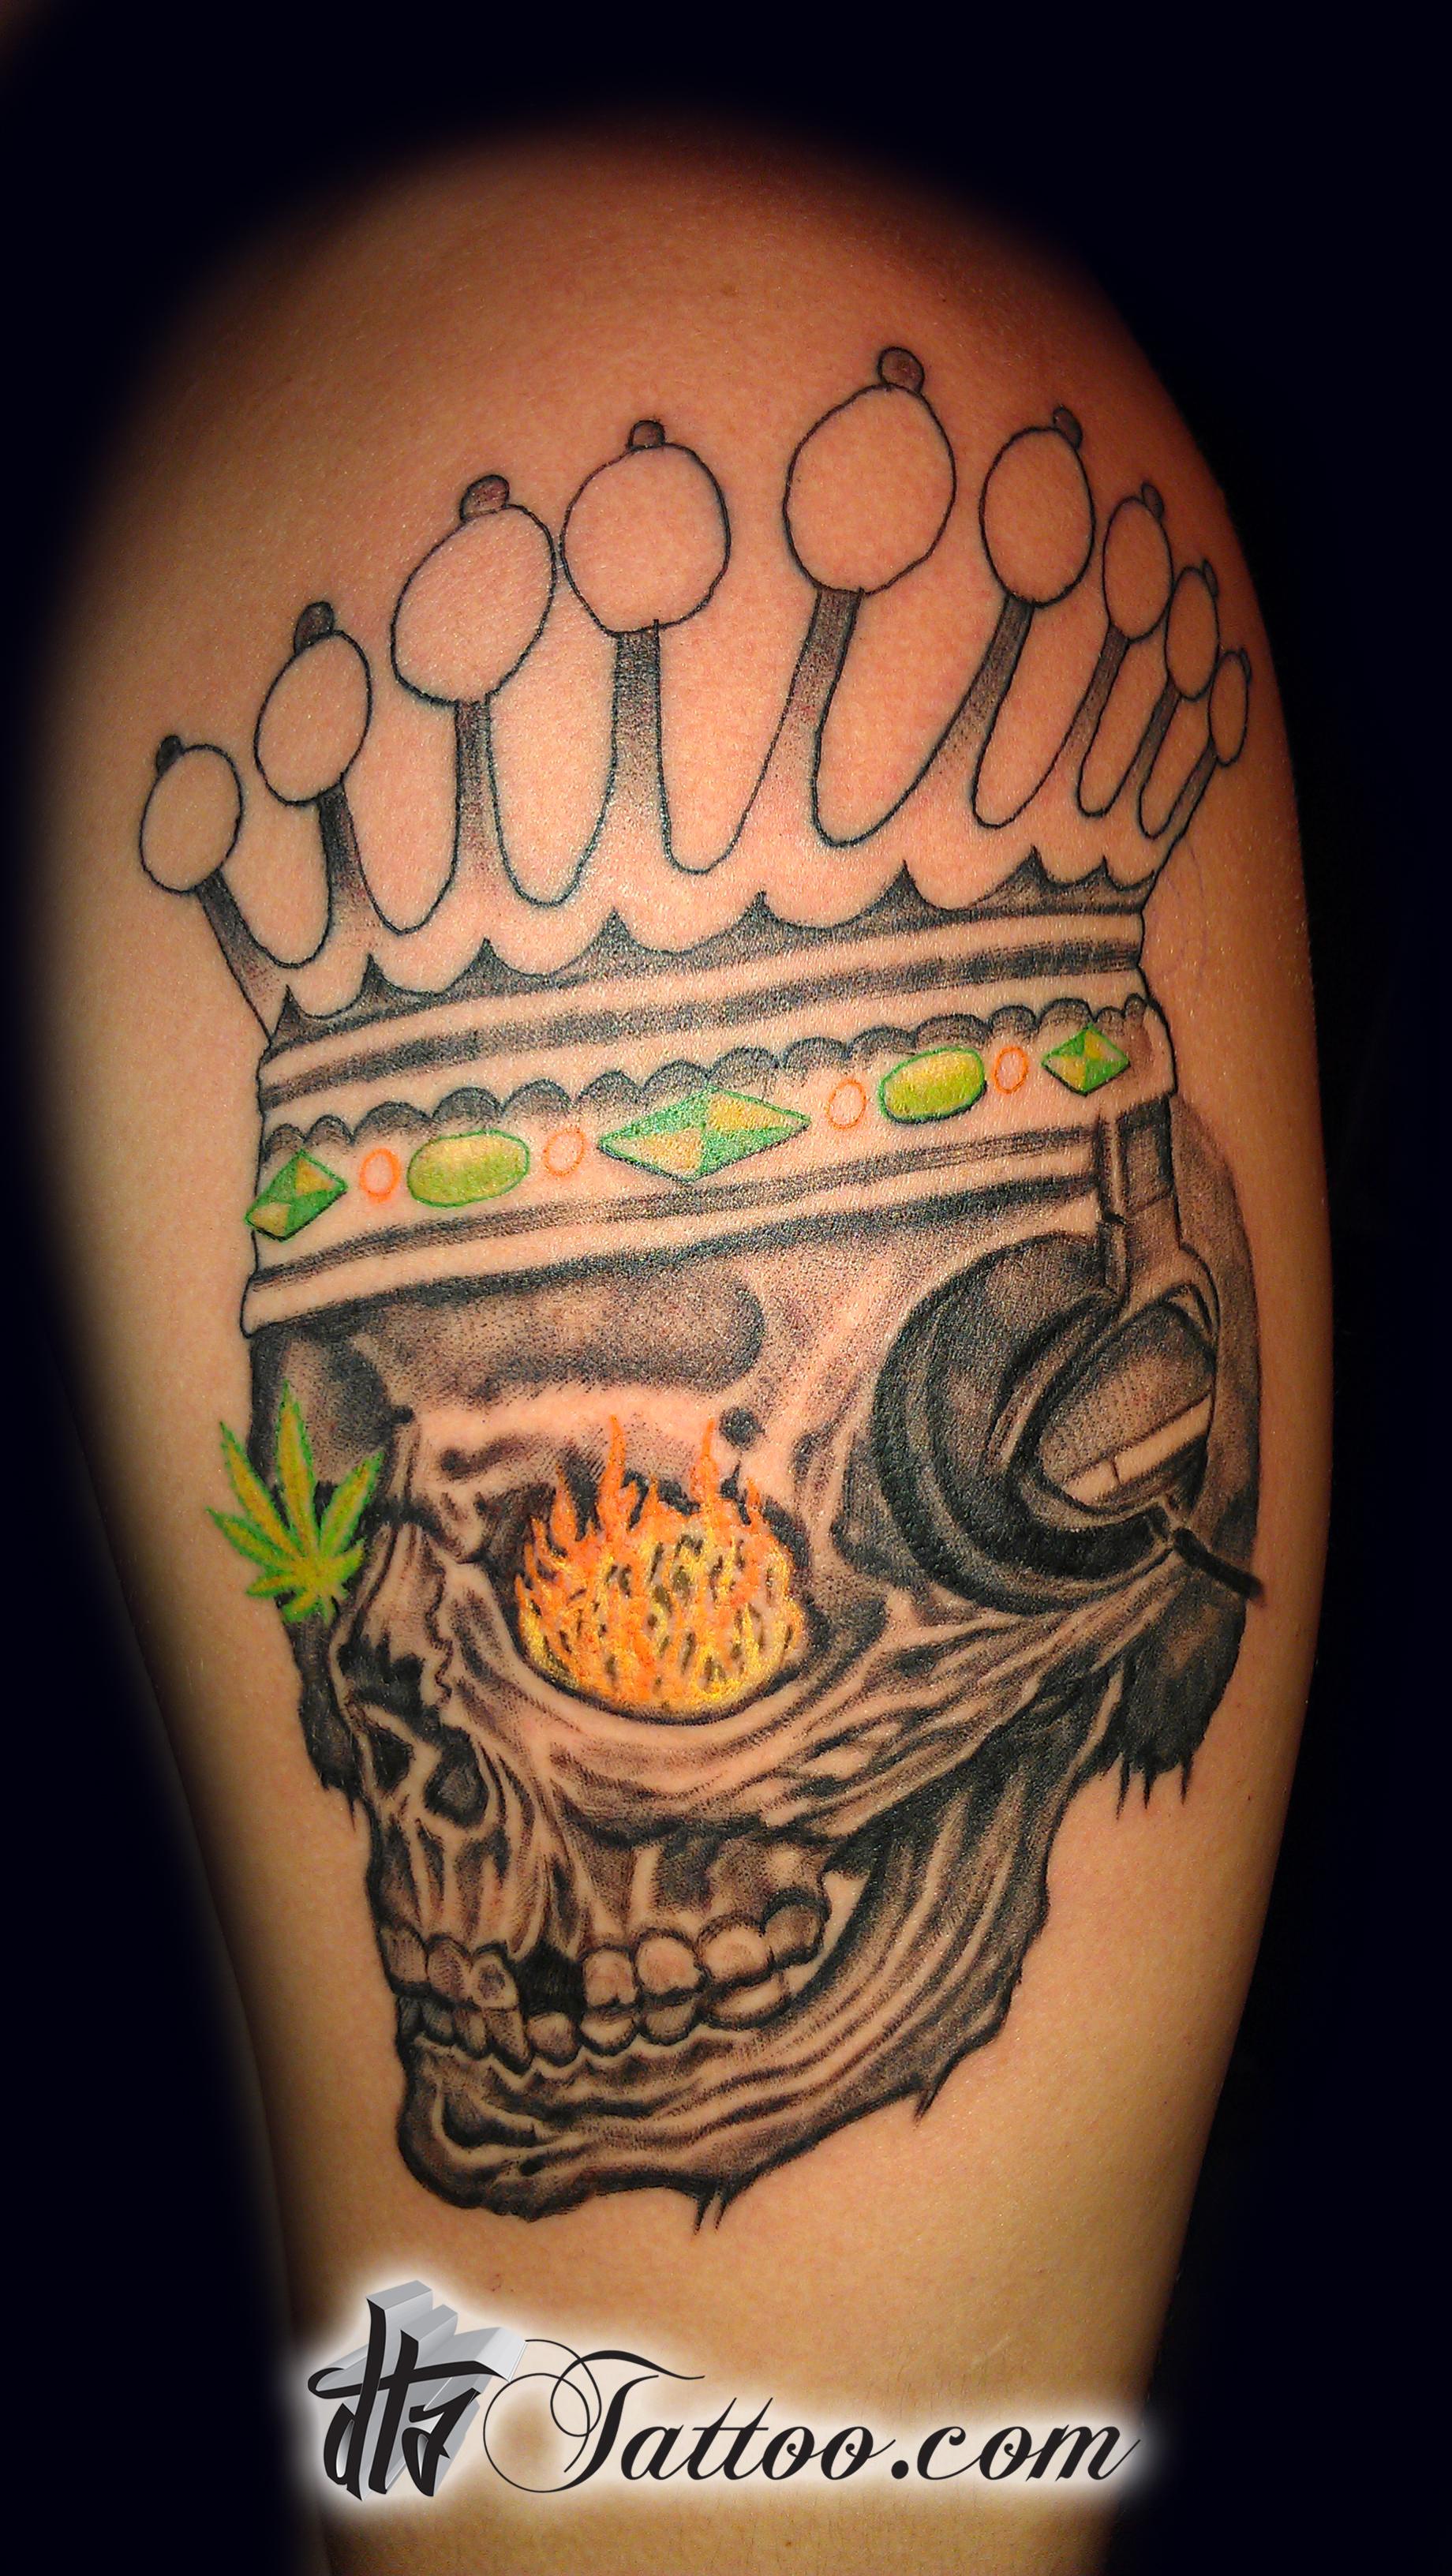 colins+skull+tattoo.jpg